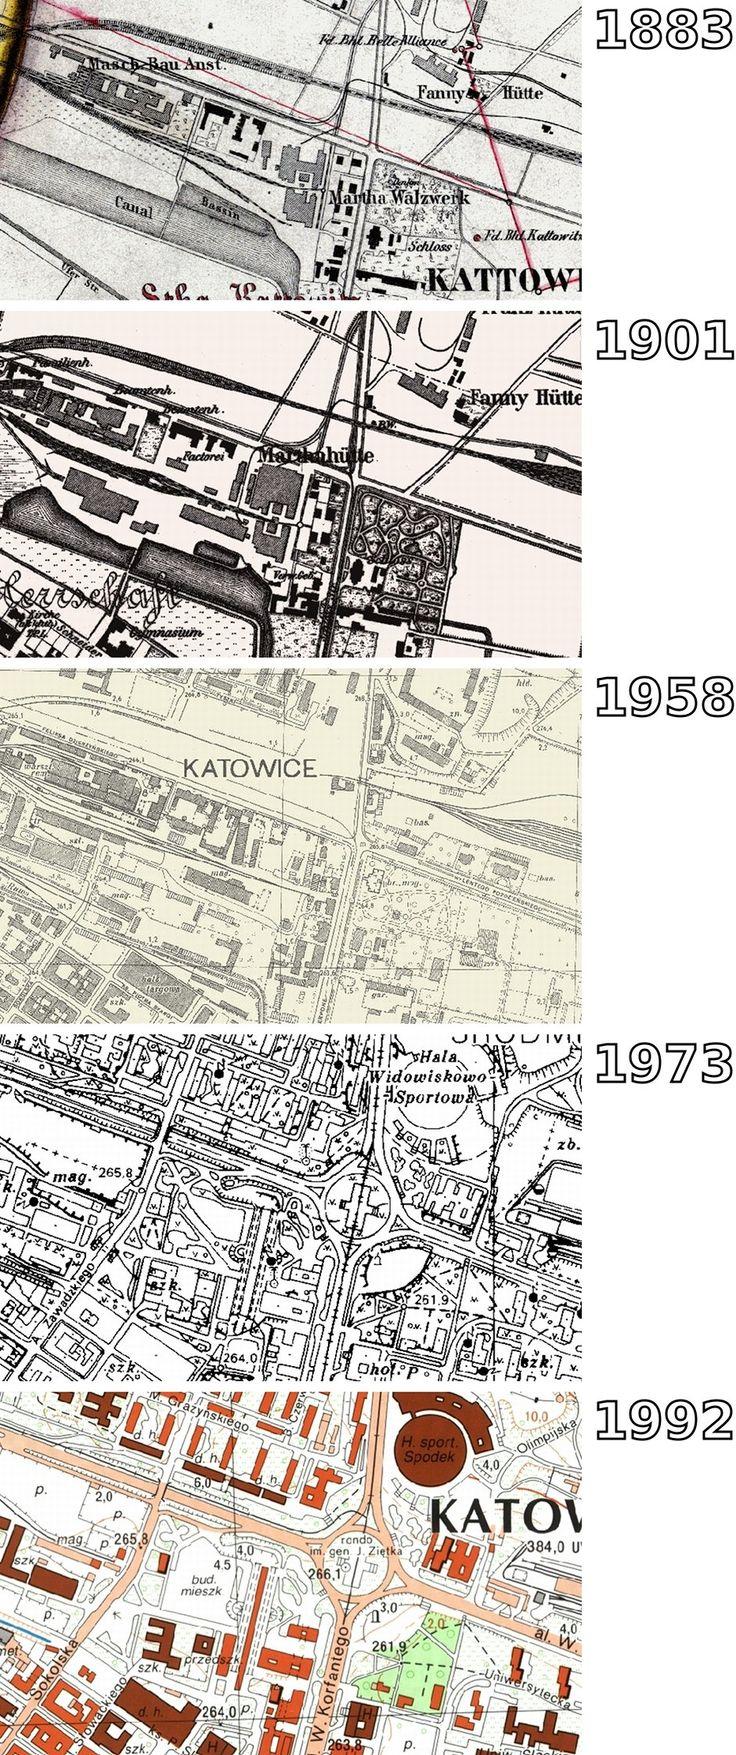 Zdjęcie nr 1 w galerii - Bagna i lasy zamiast osiedli, huta zamiast centrum. Jak zmieniały się Katowice? [STARE MAPY]